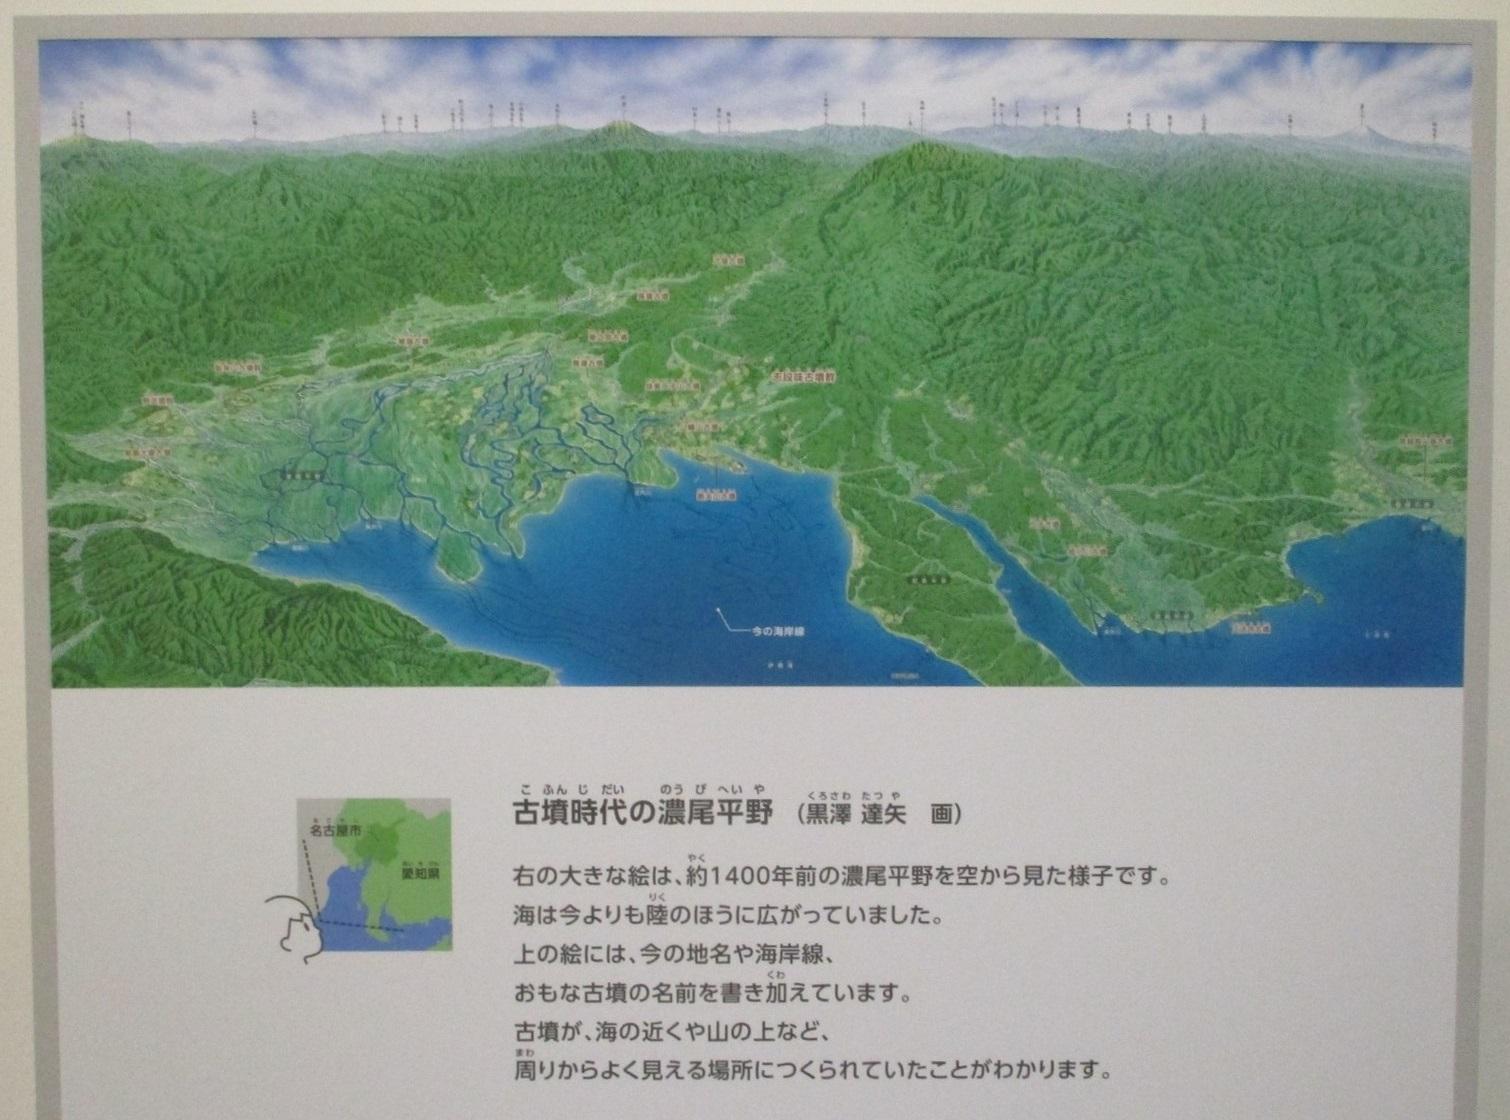 2020.2.4 (39) しだみゅー - 古墳時代の濃尾平野 1510-1120